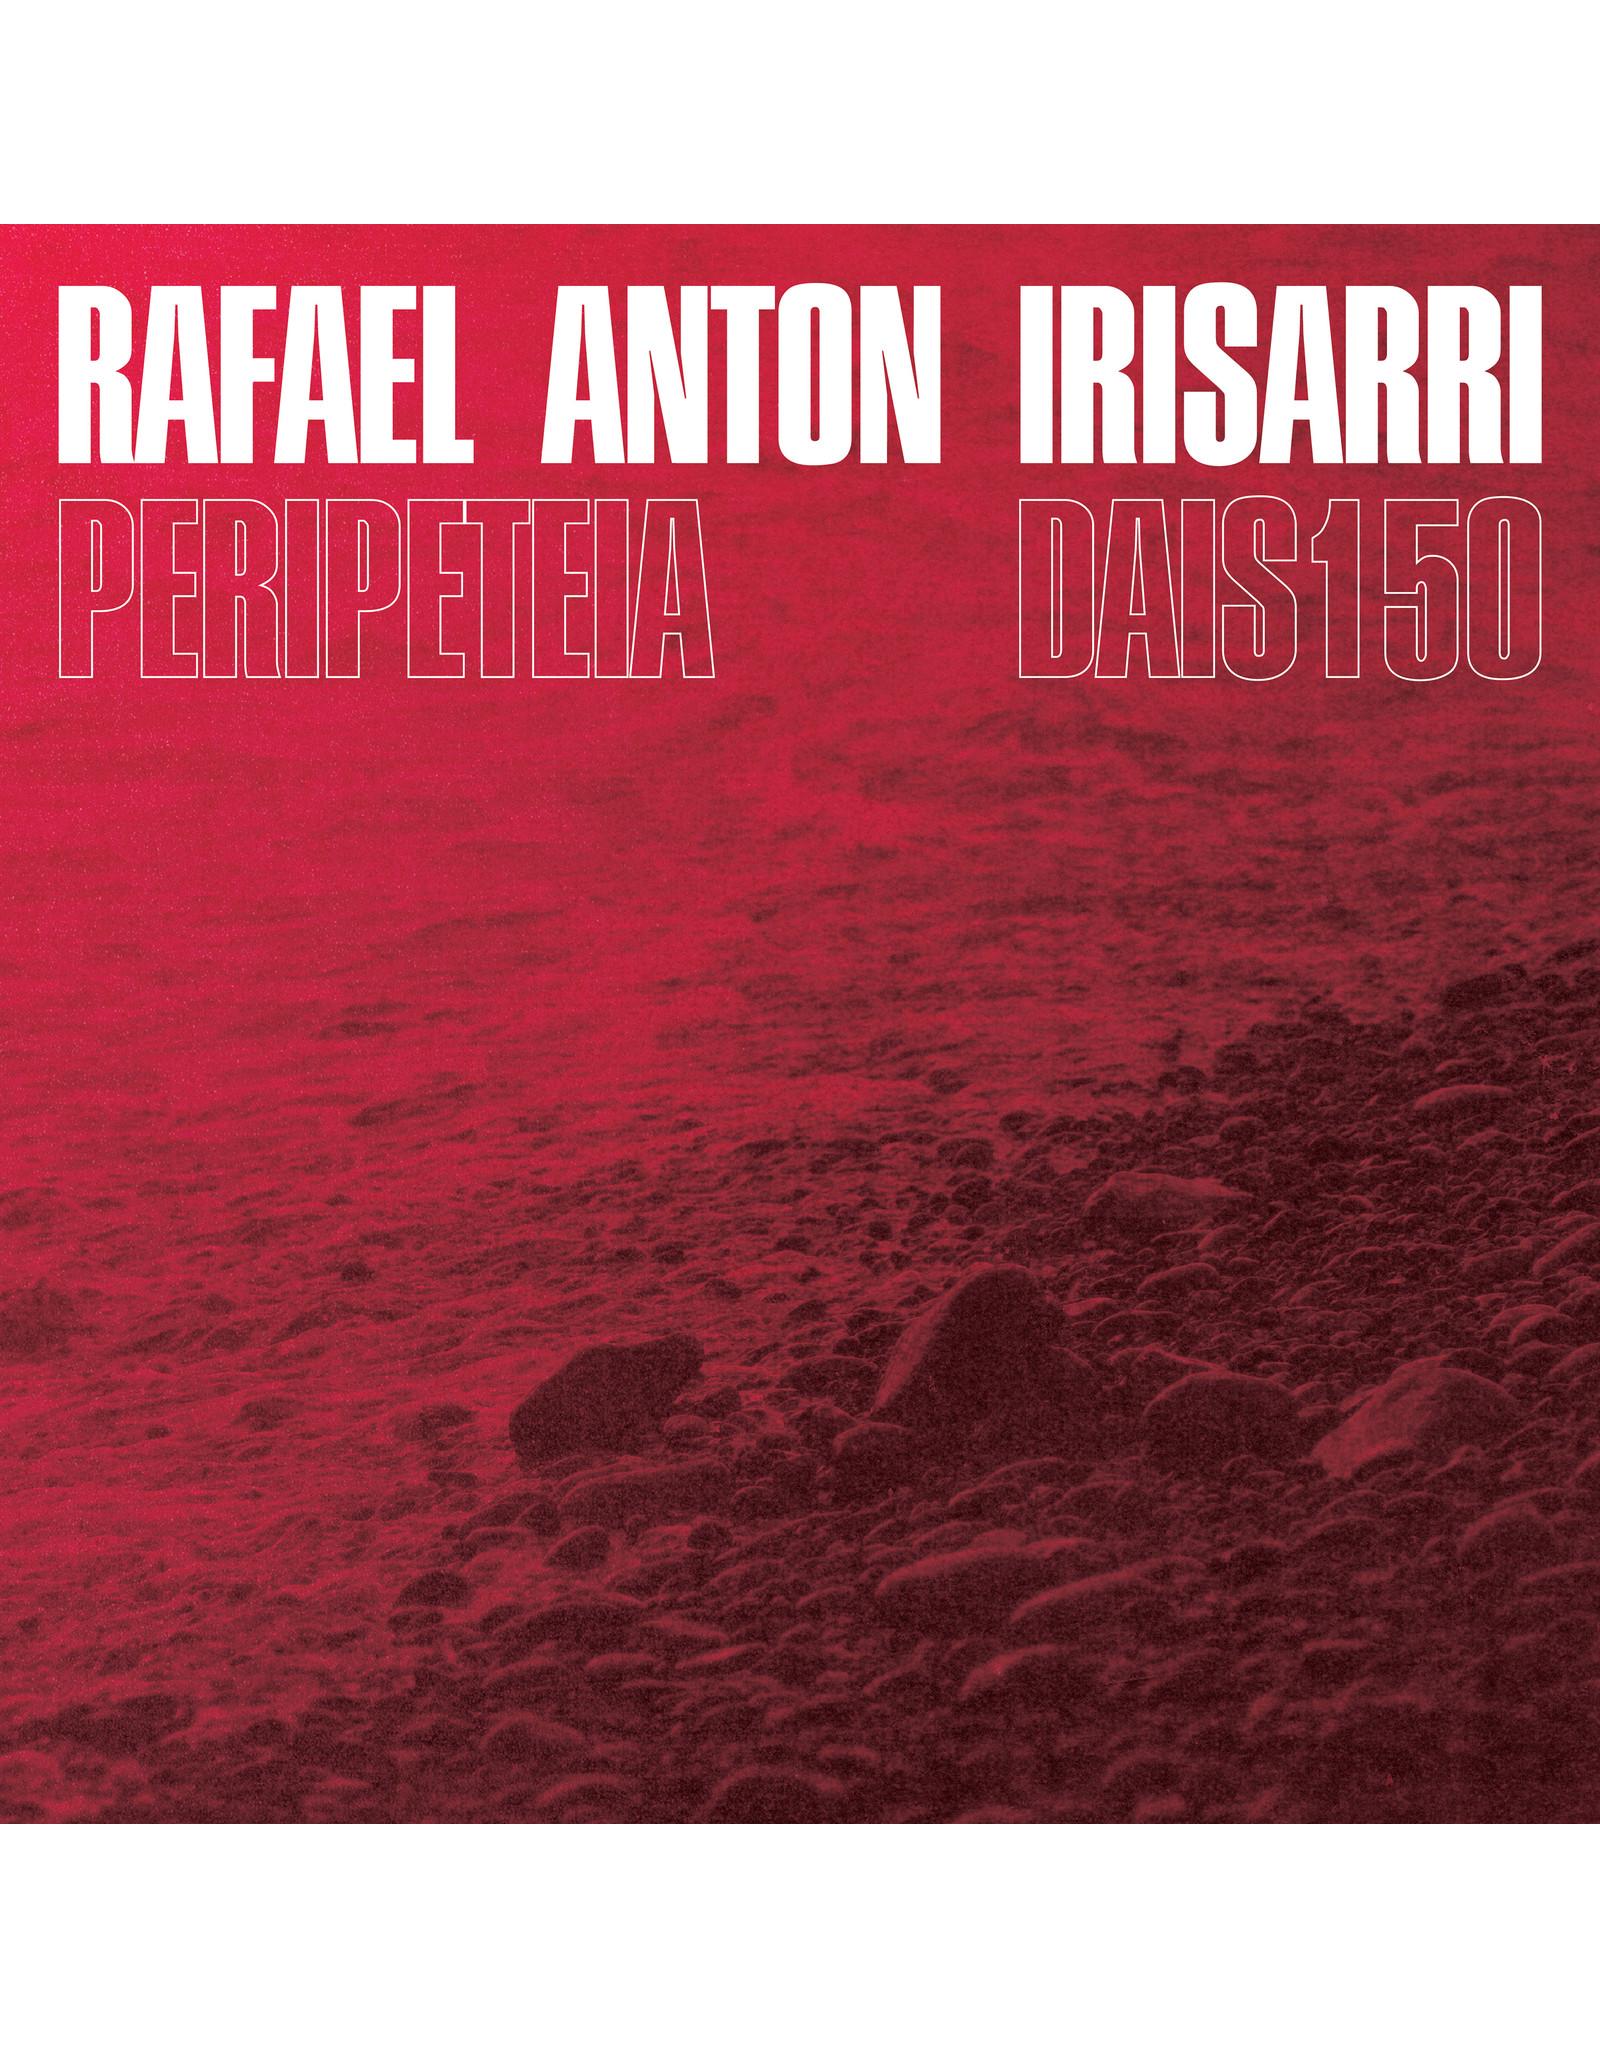 New Vinyl Rafael Anton Irisarri - Peripeteia (Colored) LP